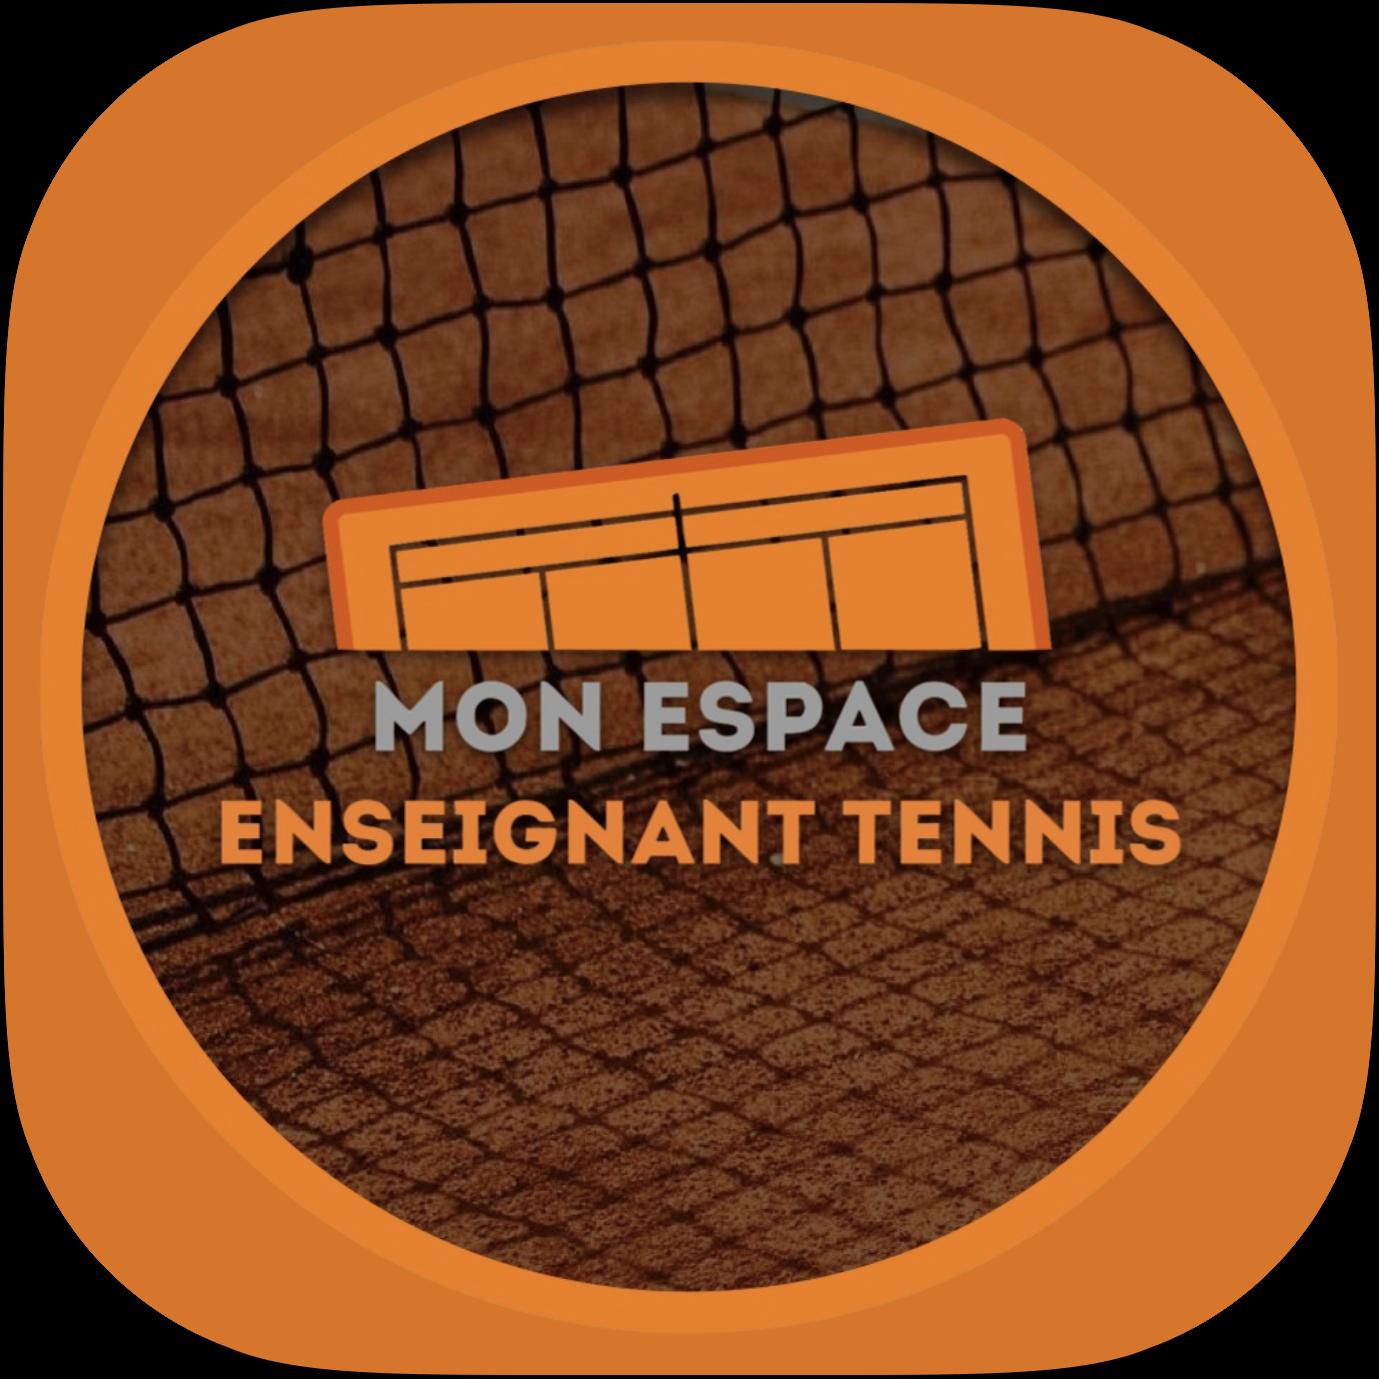 logo mon espace enseignant tennis